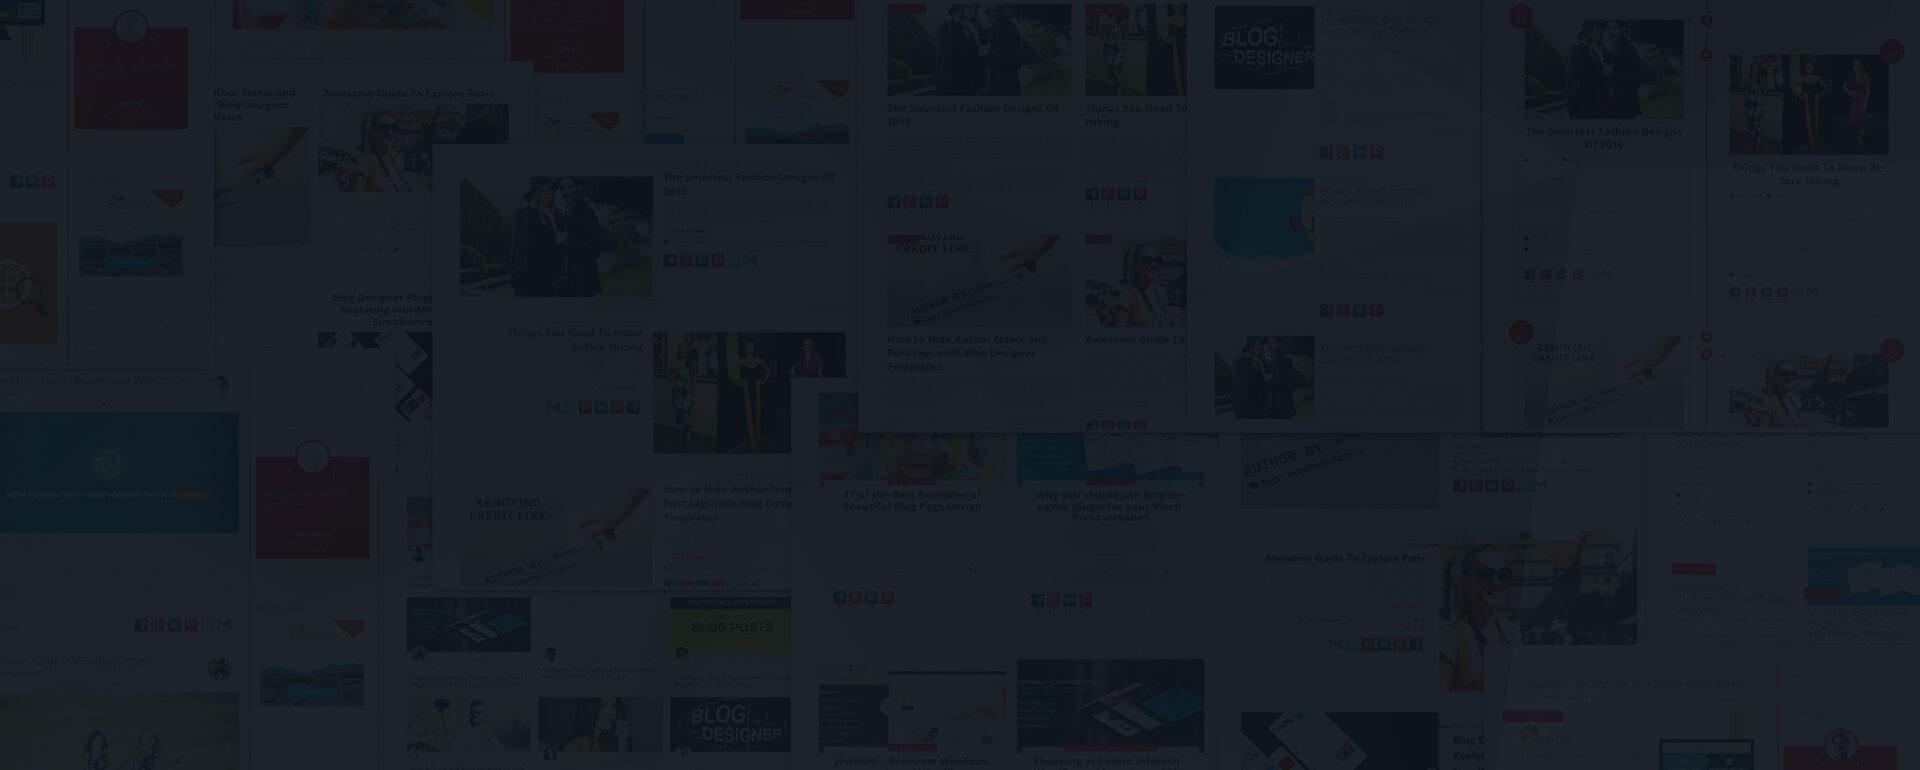 Slide Background Image